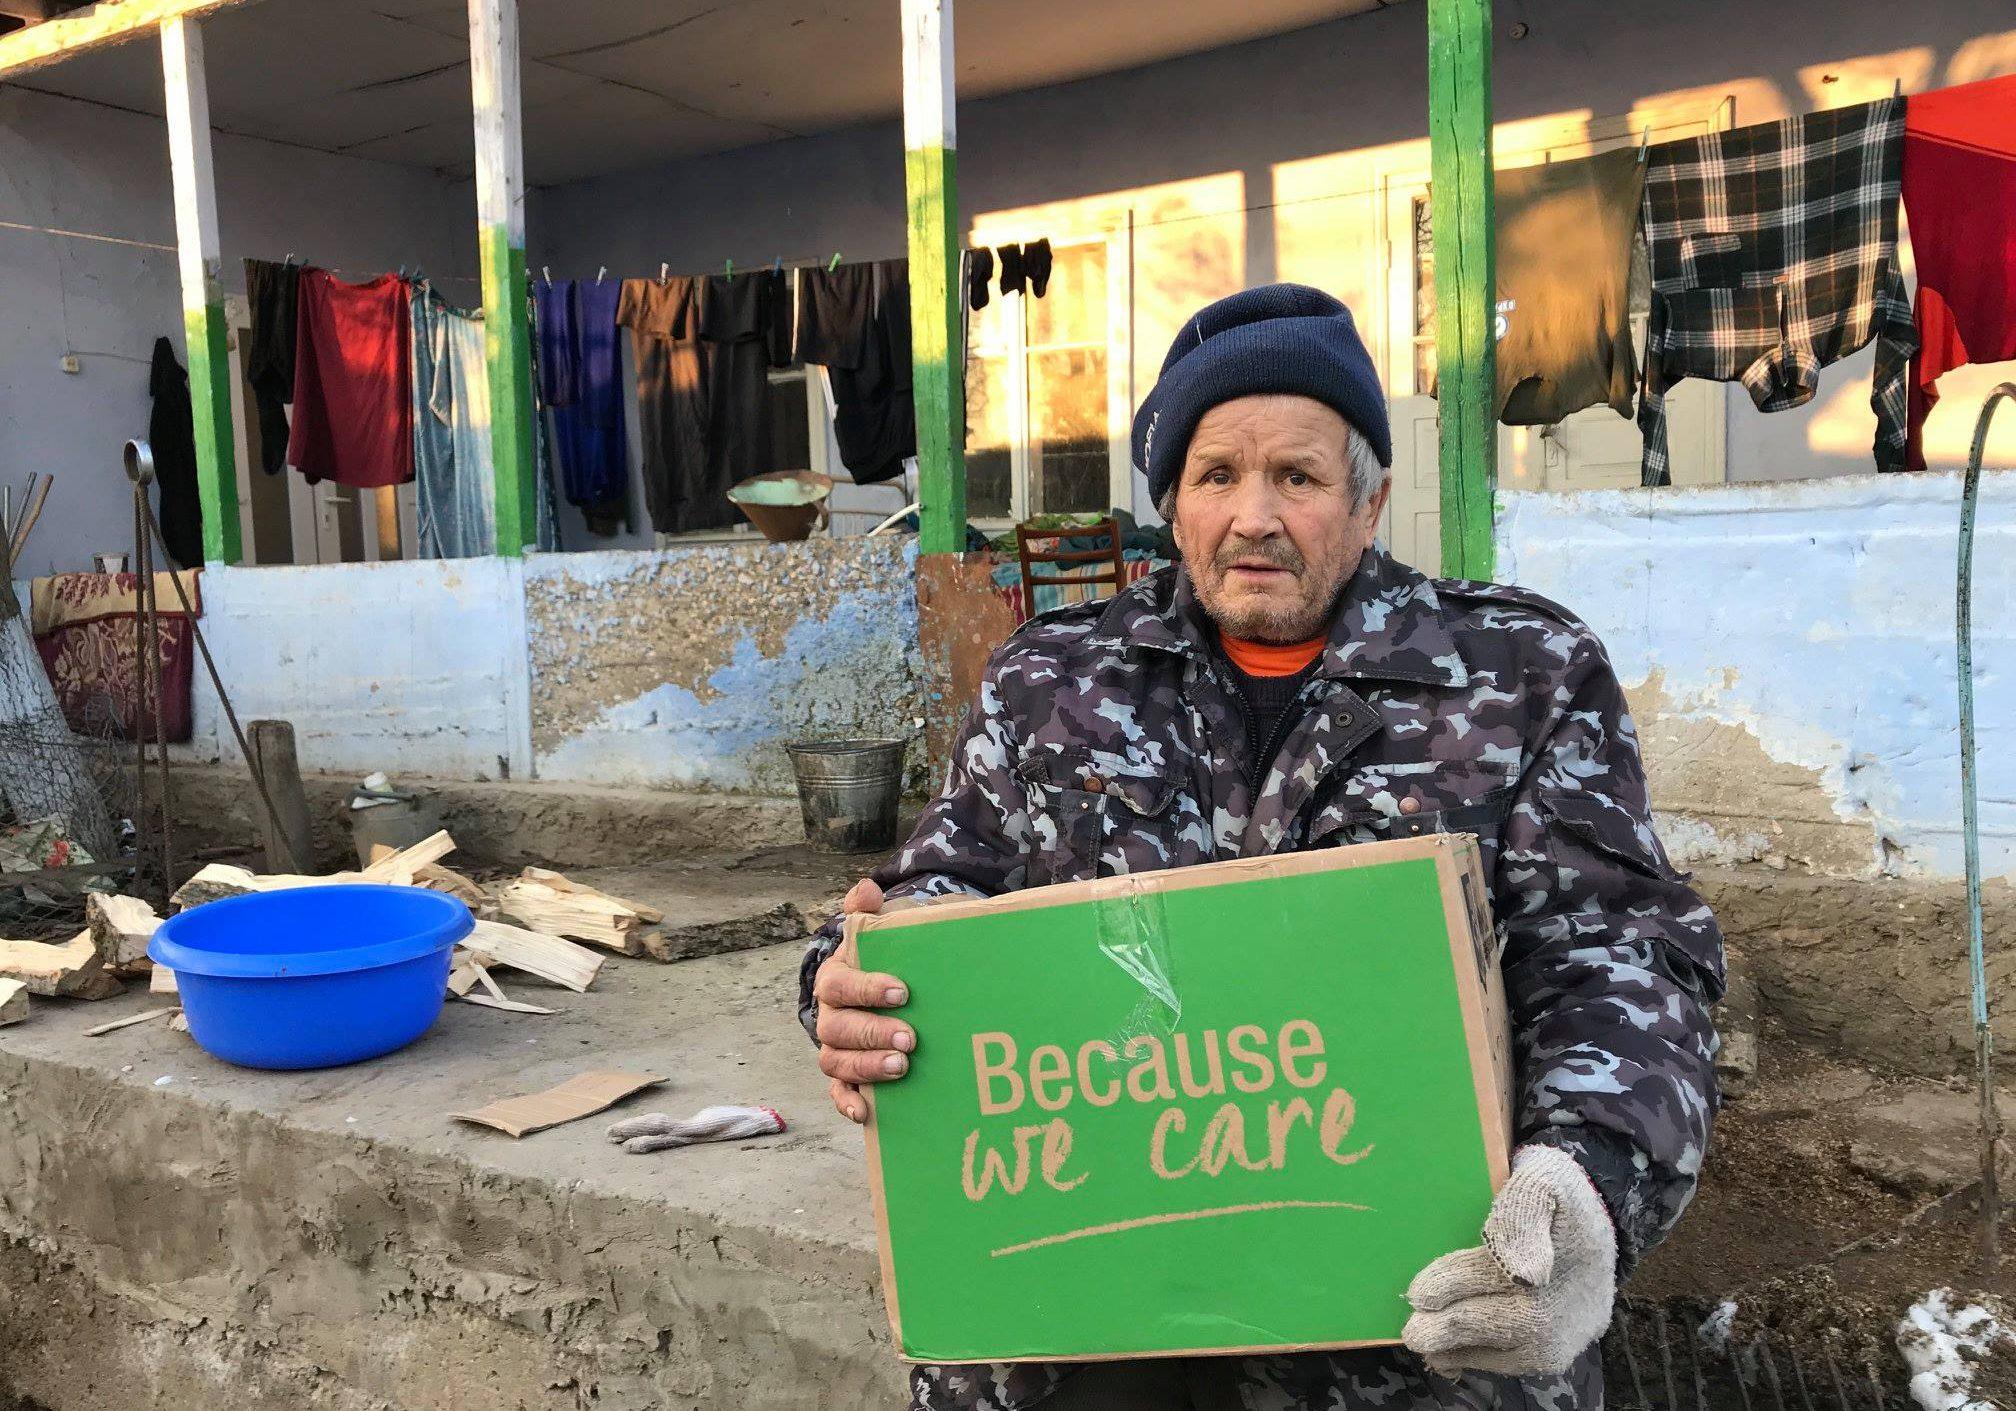 dva-2019-campagnebeeld-ontvanger-pakket-moldavie